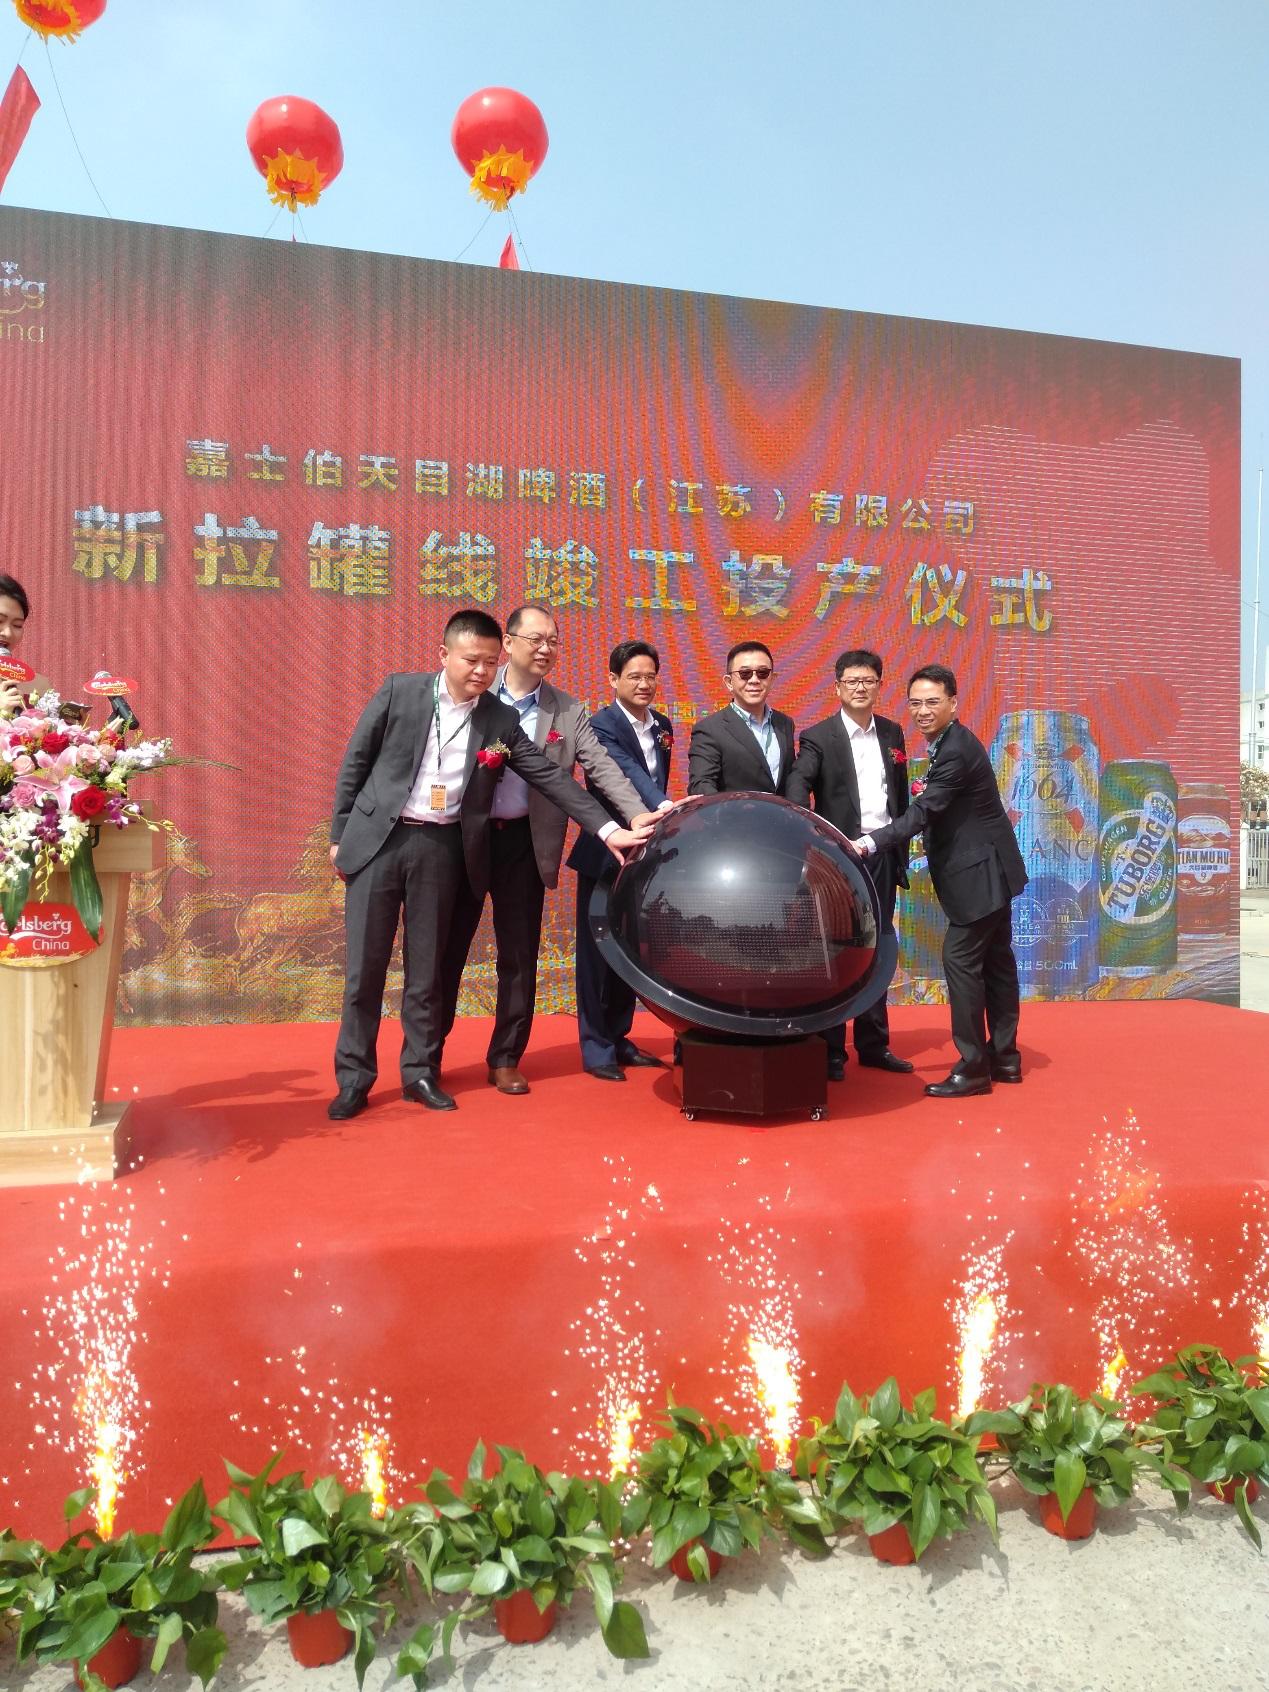 嘉士伯中国第一条SLEEK(纤体罐)拉罐生产线在江苏顺利竣工投产